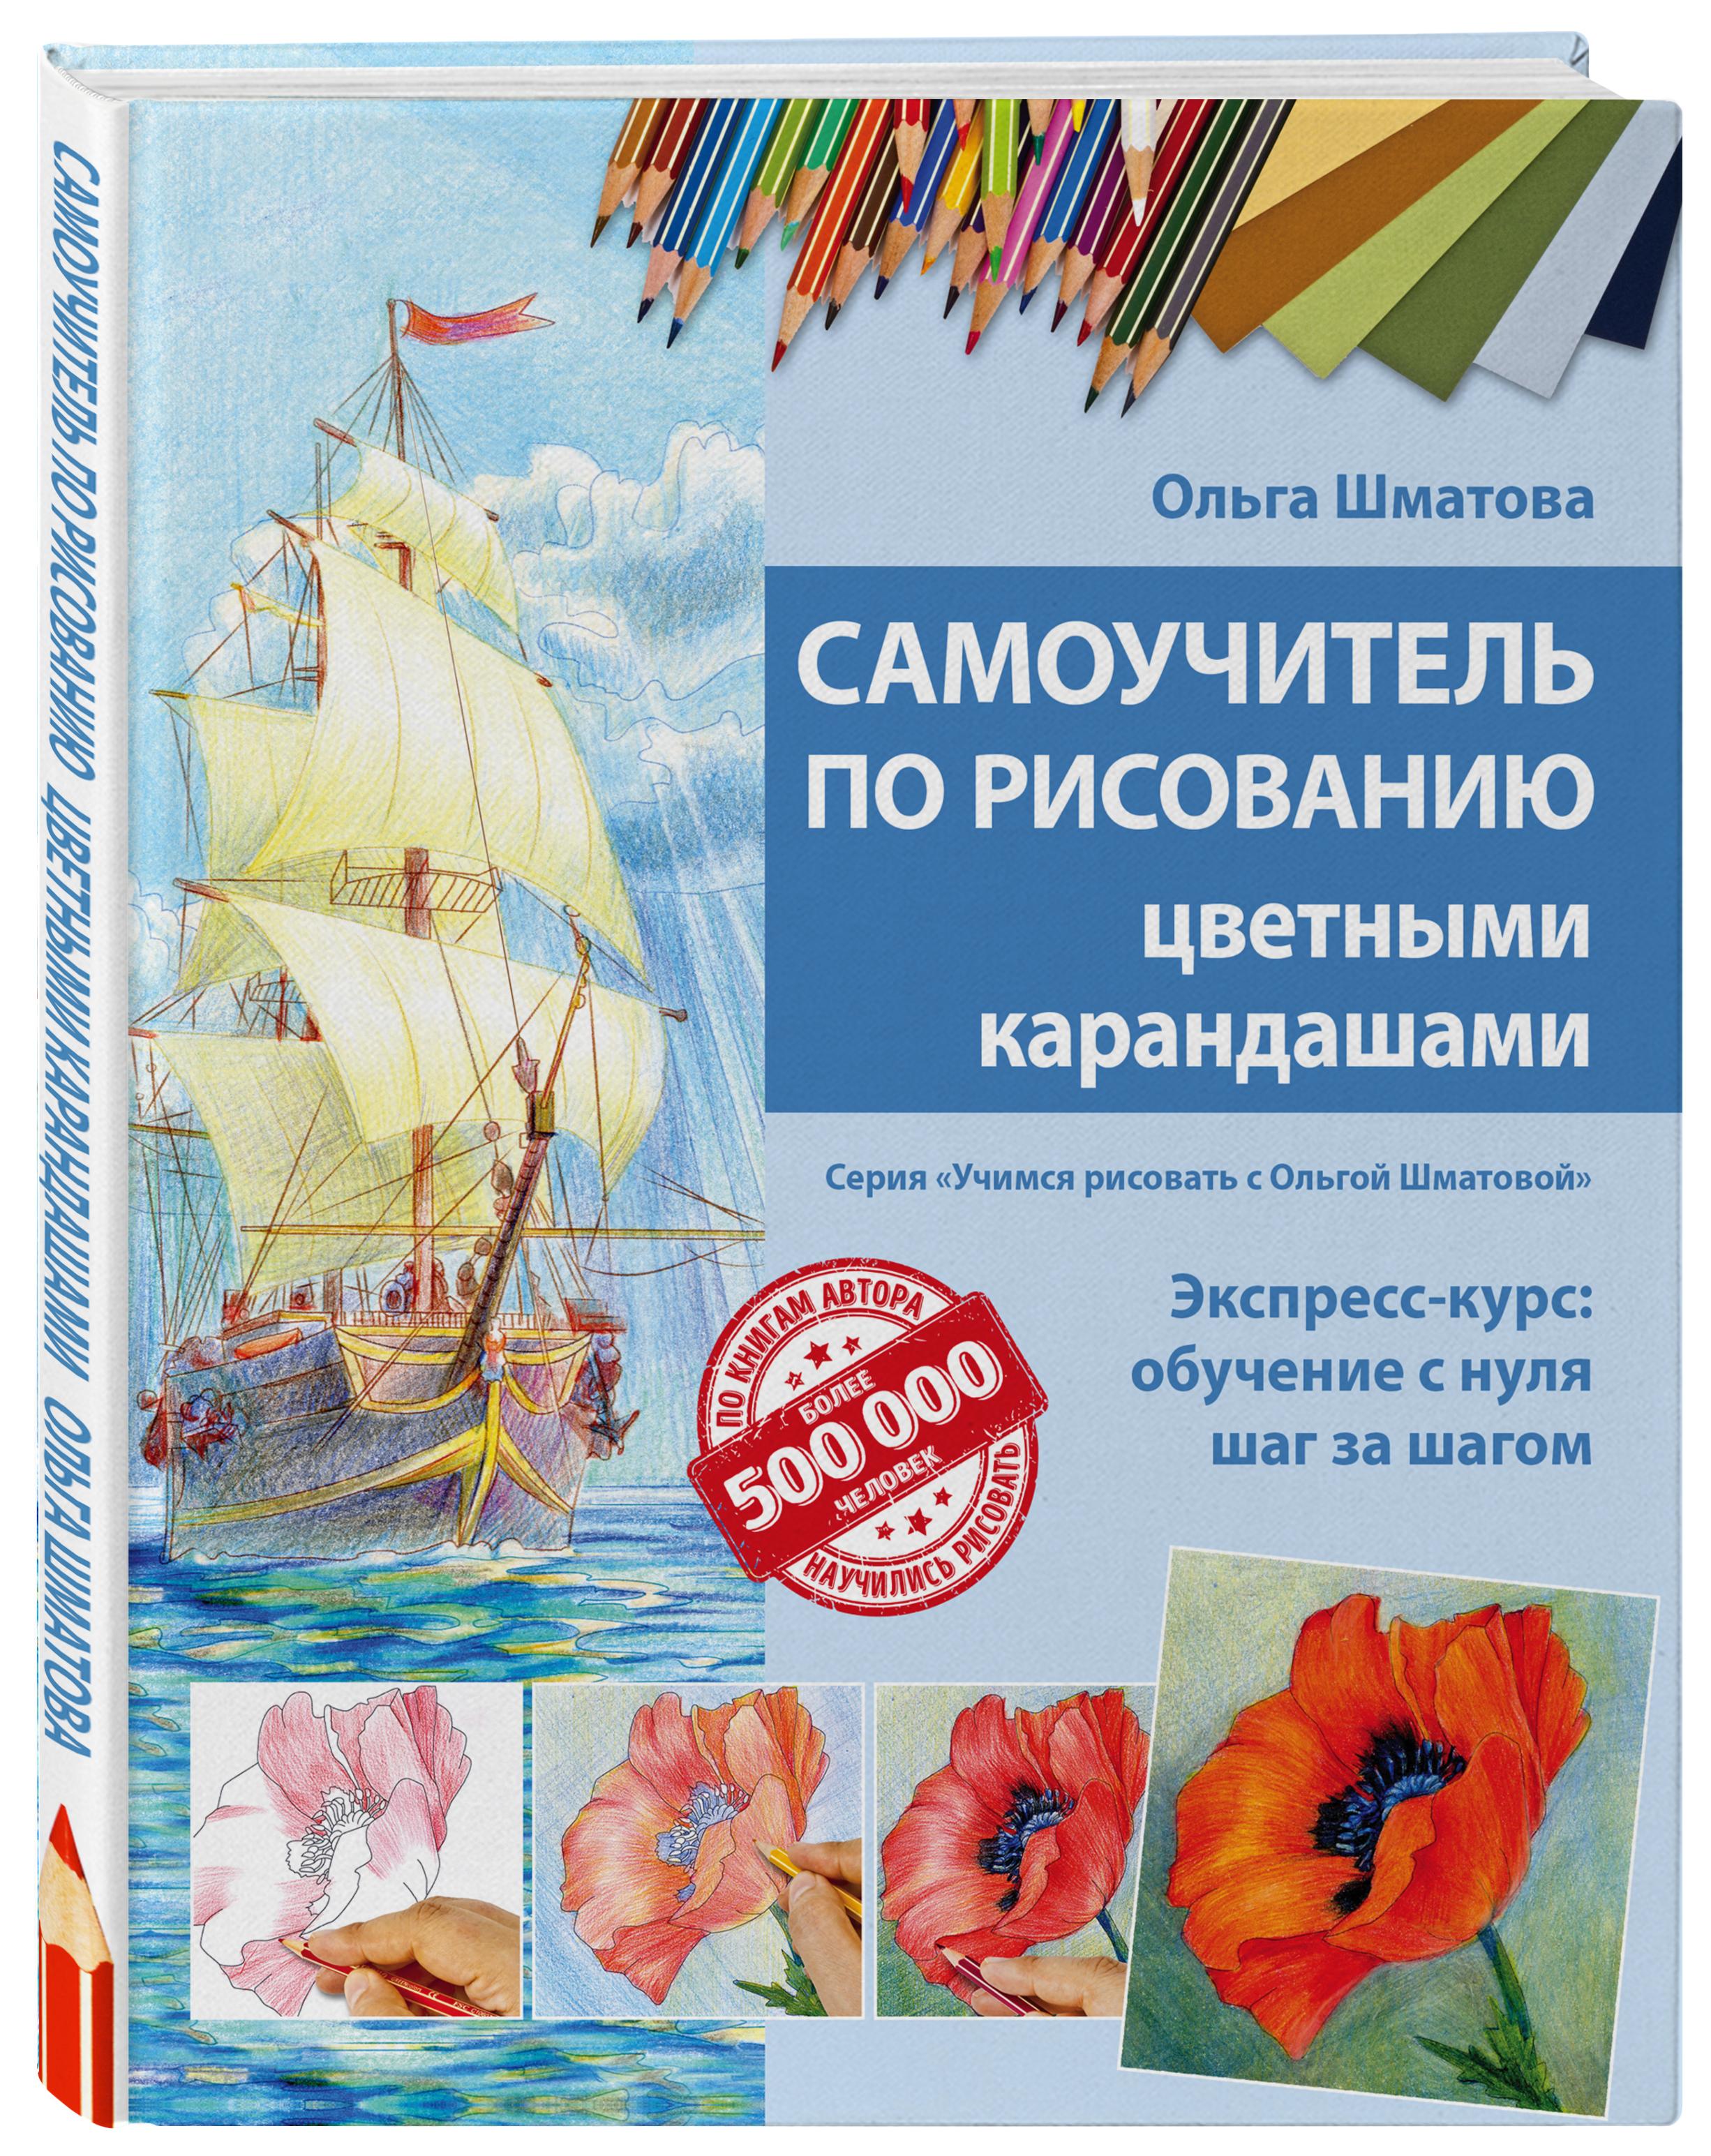 Самоучитель по рисованию цветными карандашами (обновленное издание) ( Шматова О. В.  )